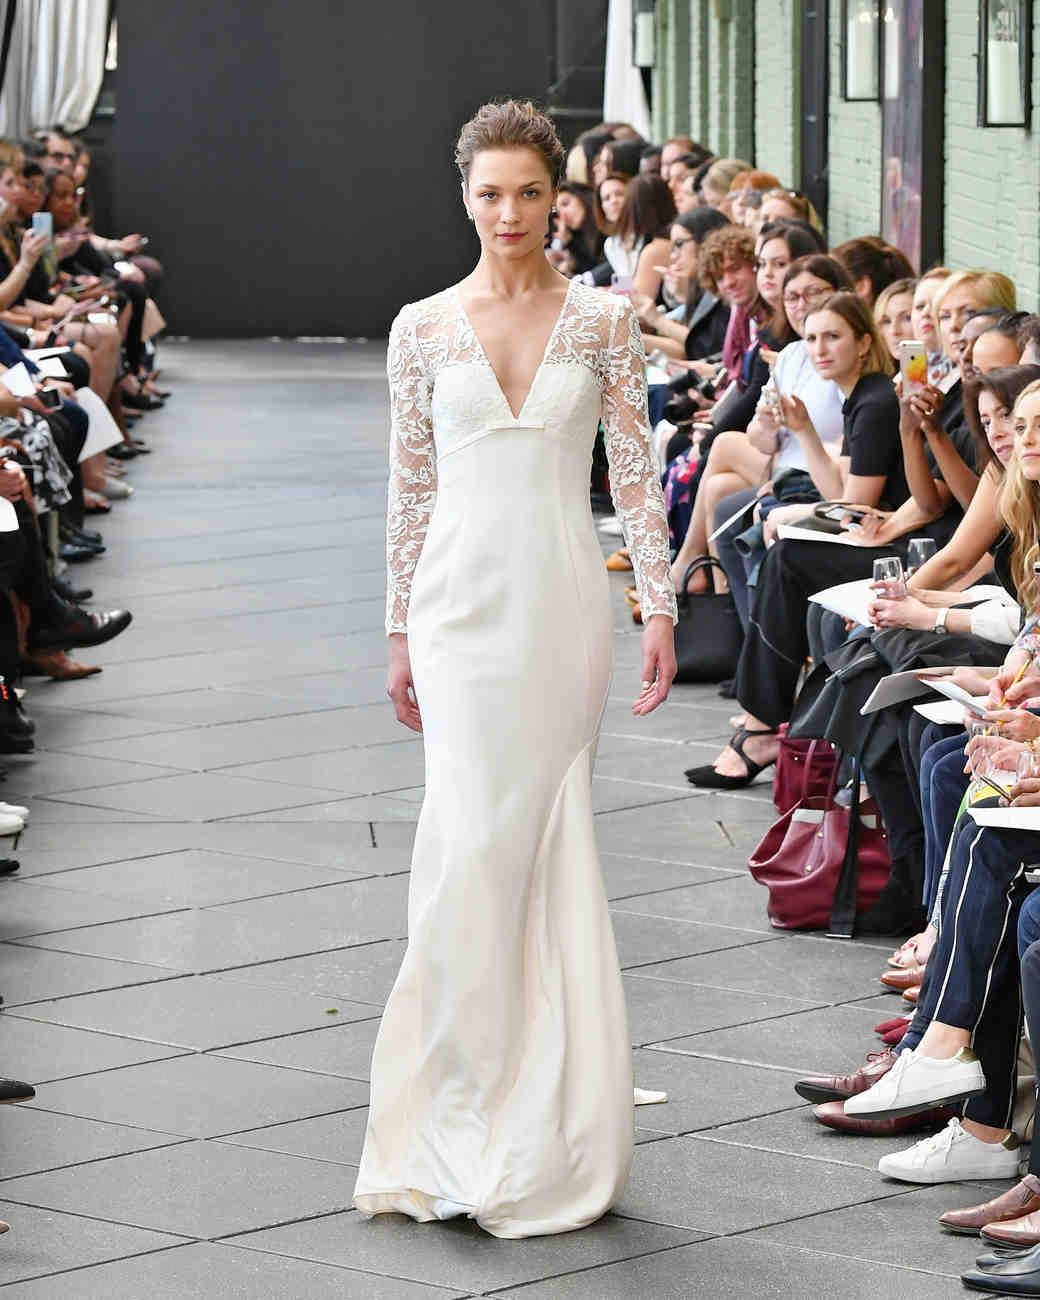 nouvelle amsale wedding dress spring 2019 long sleeve v-neck